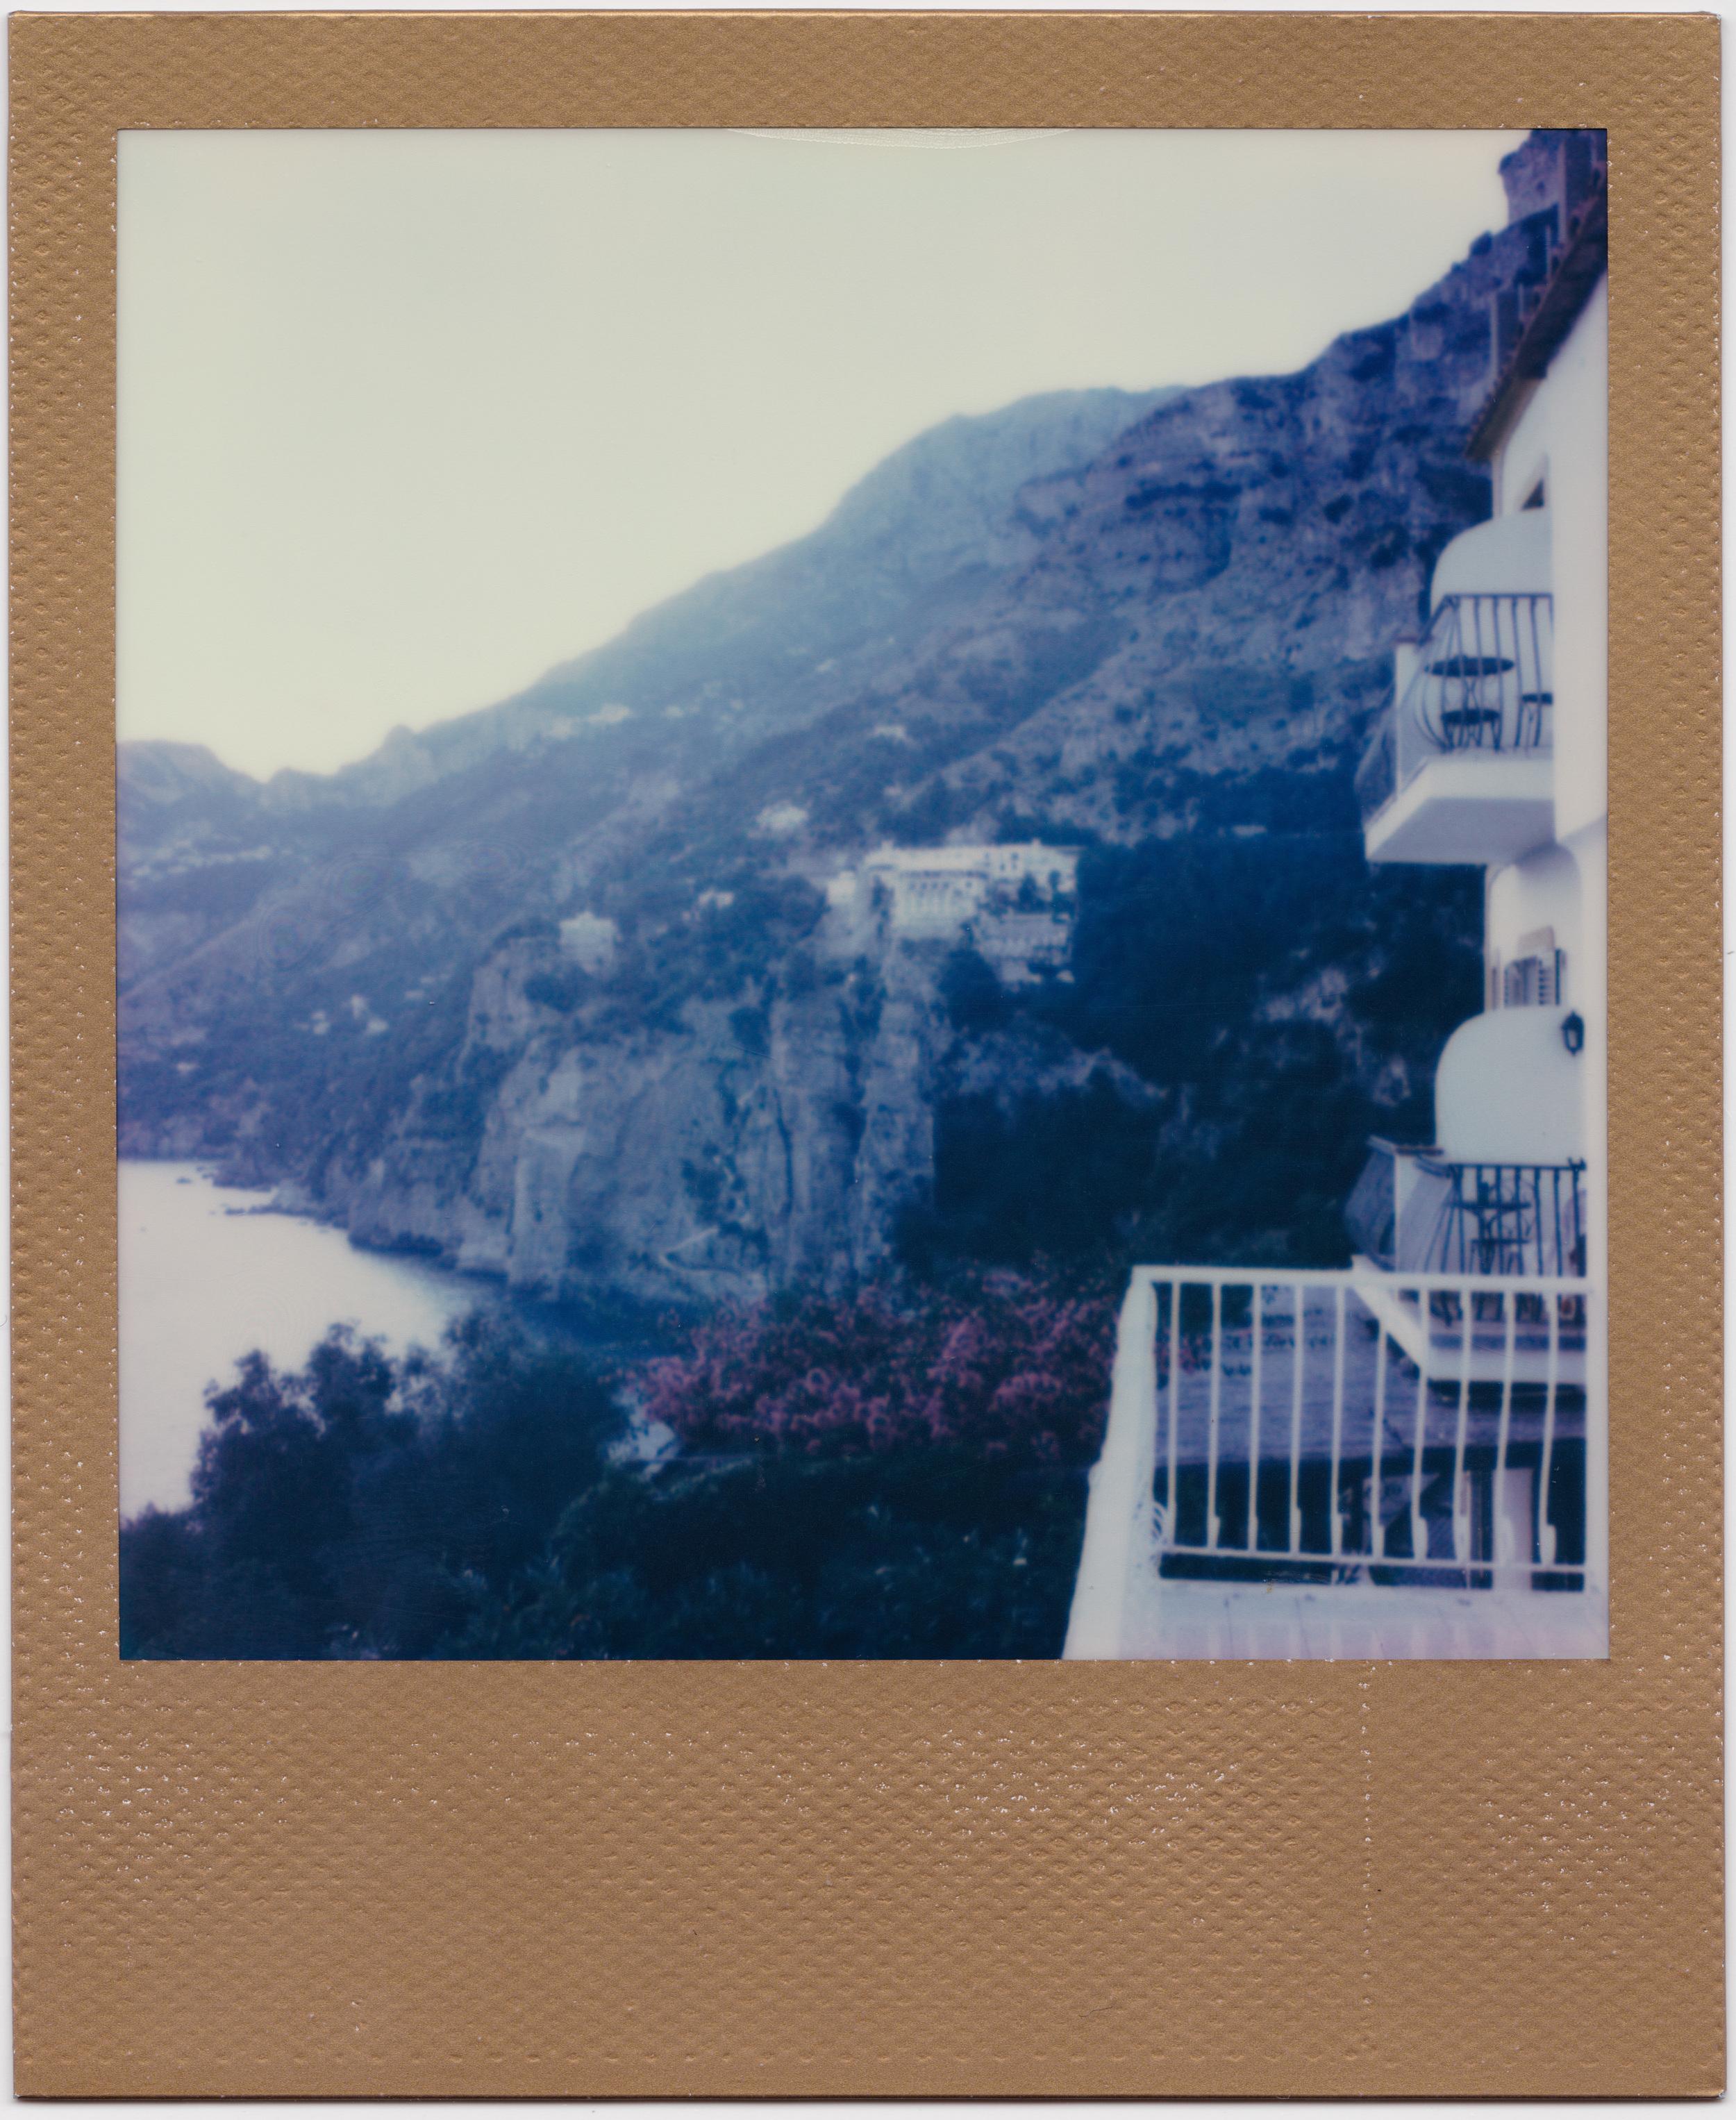 praiano-0036.jpg